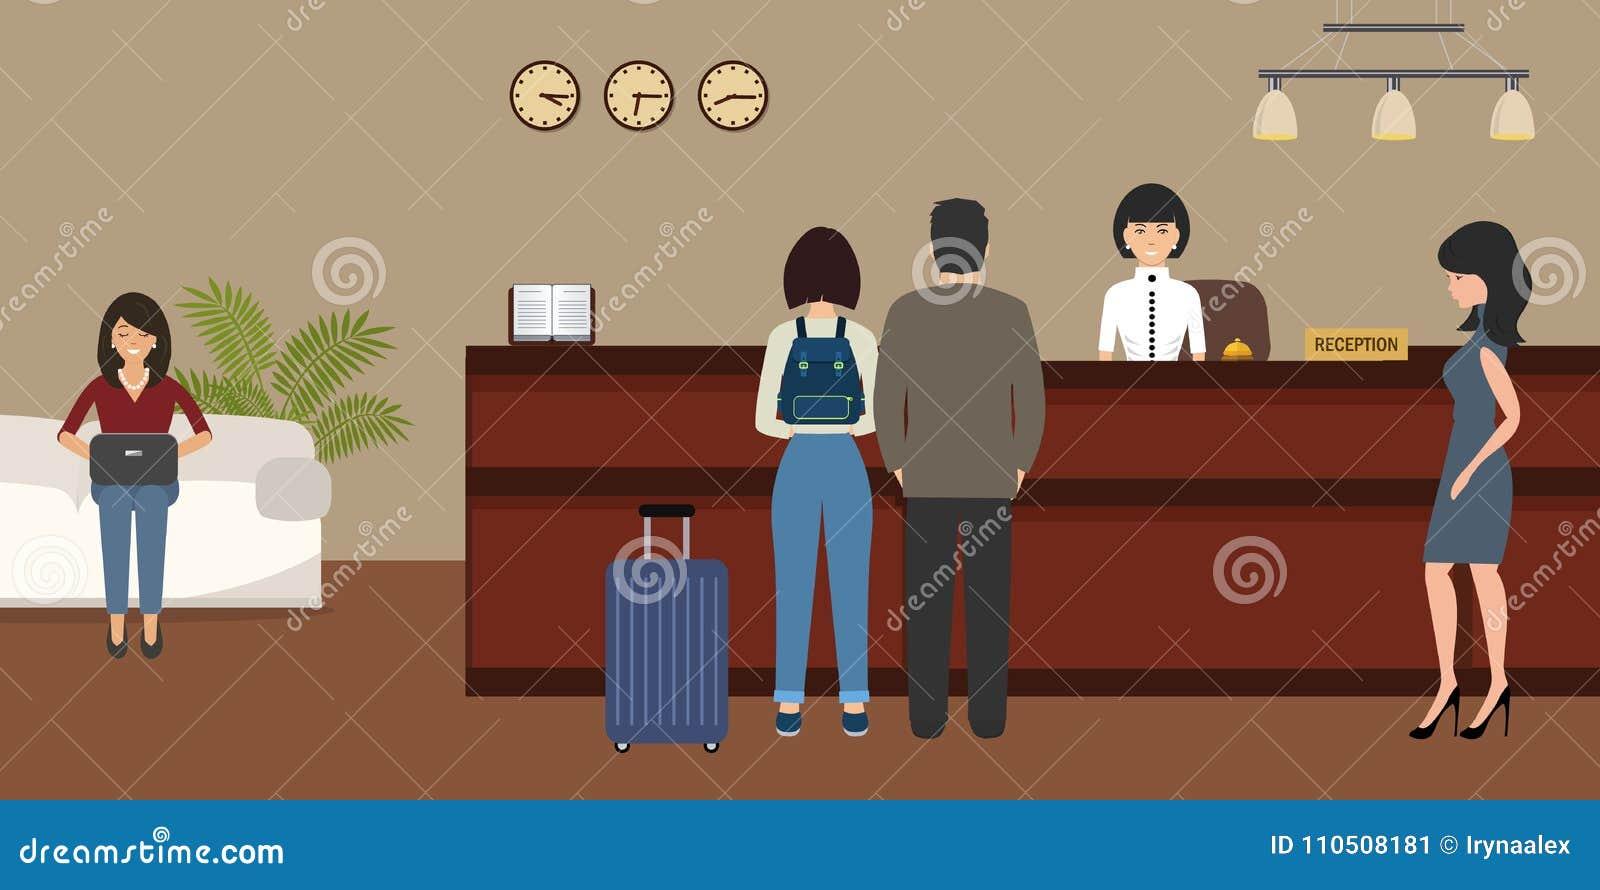 Υποδοχή ξενοδοχείων Ταξίδι, φιλοξενία, έννοια κράτησης ξενοδοχείων